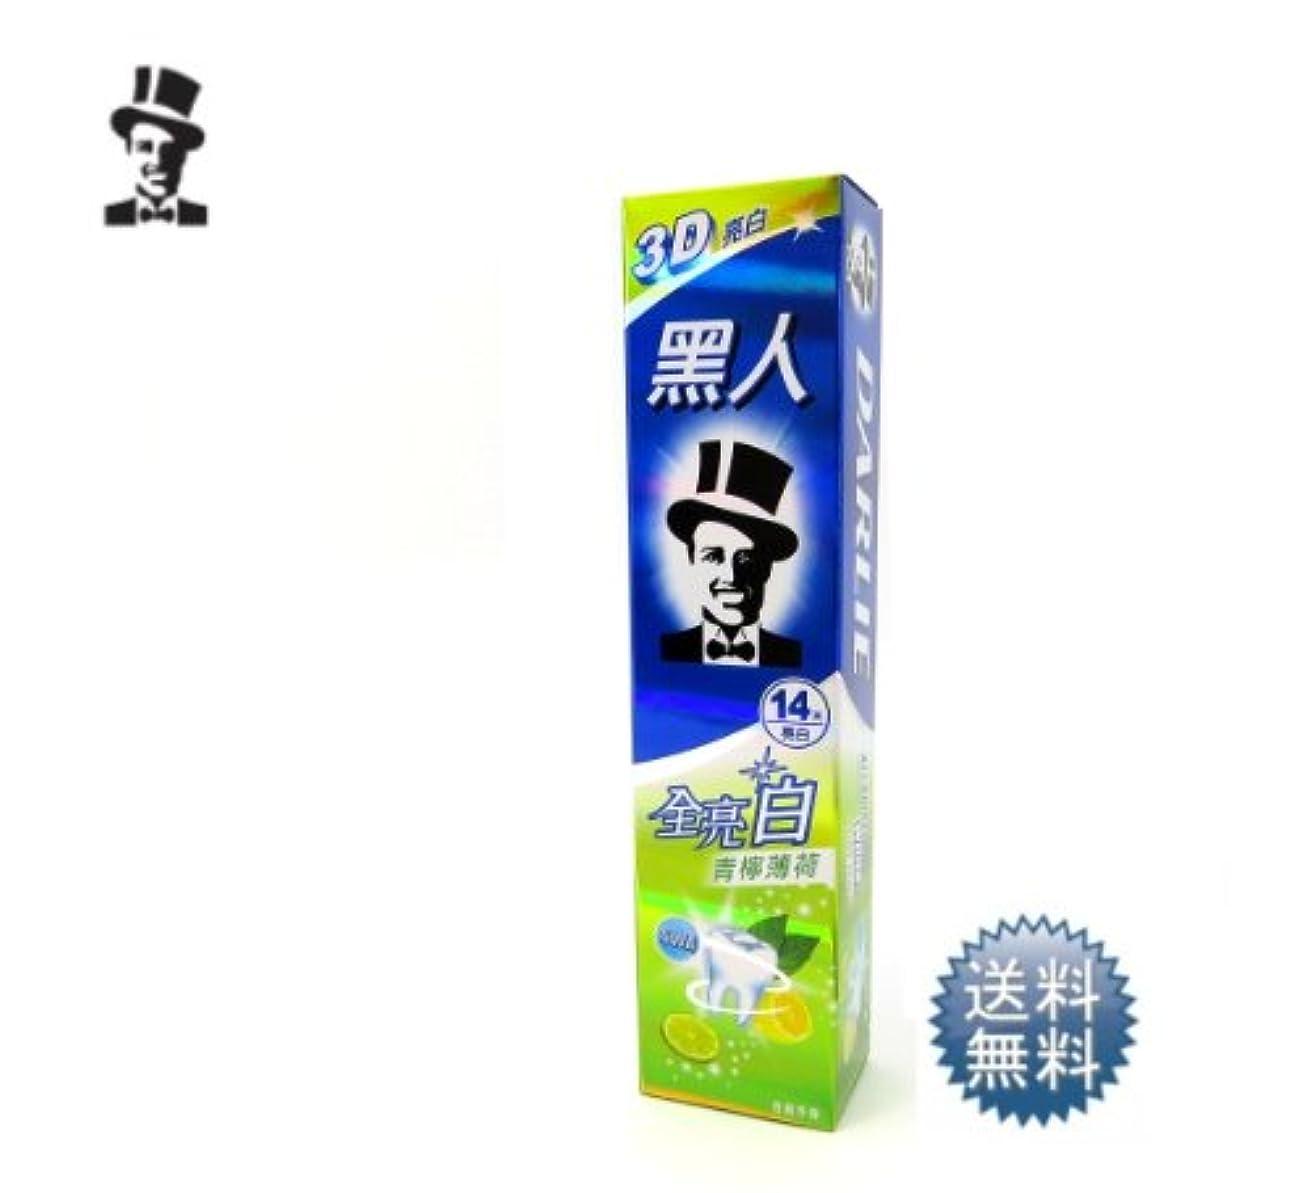 教育学運動資源台湾 黒人 歯磨き 全亮白 青檸薄荷 140g